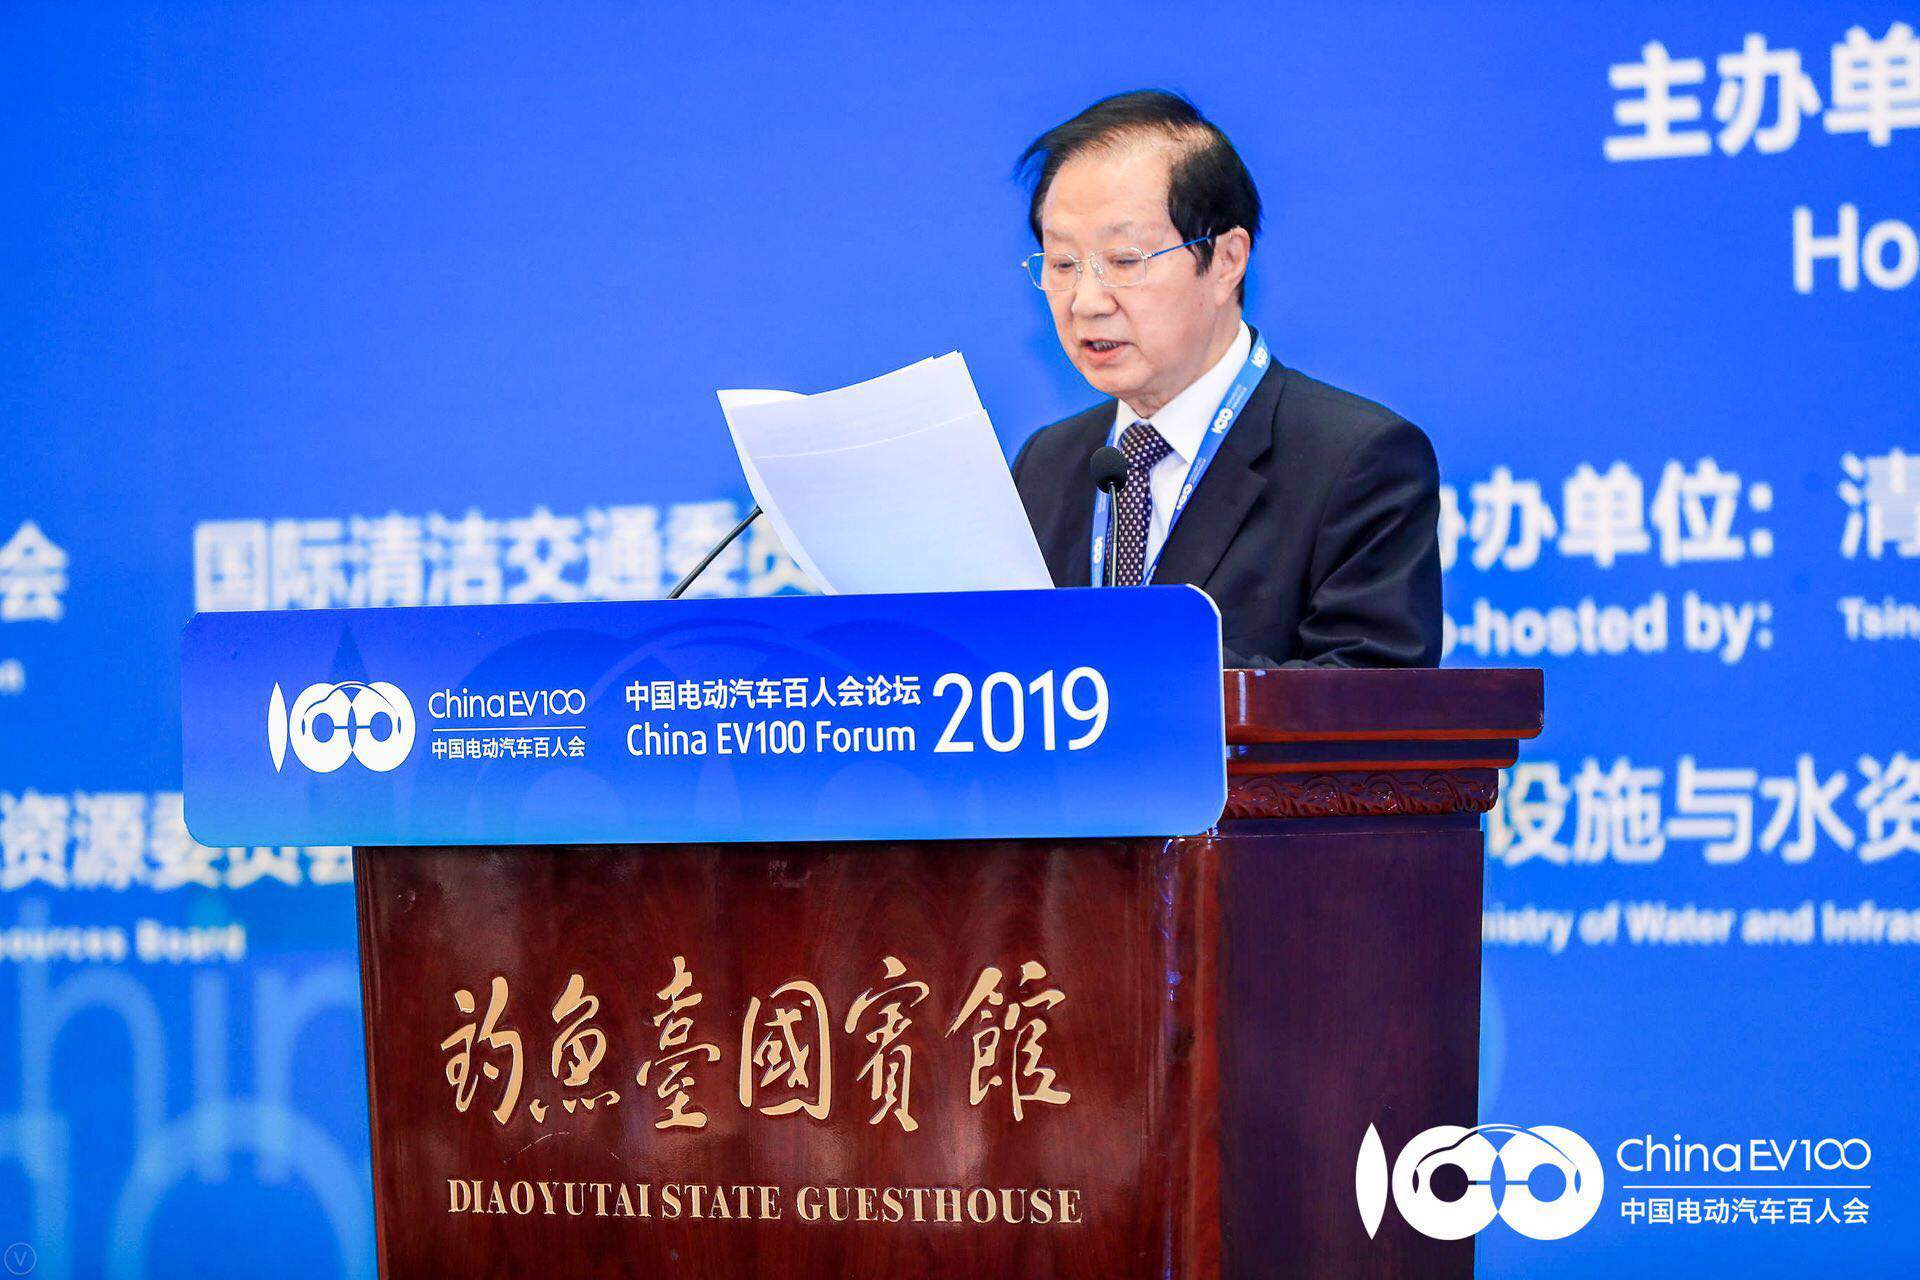 陈清泰:2030年中国电动车产销将超过1500万辆